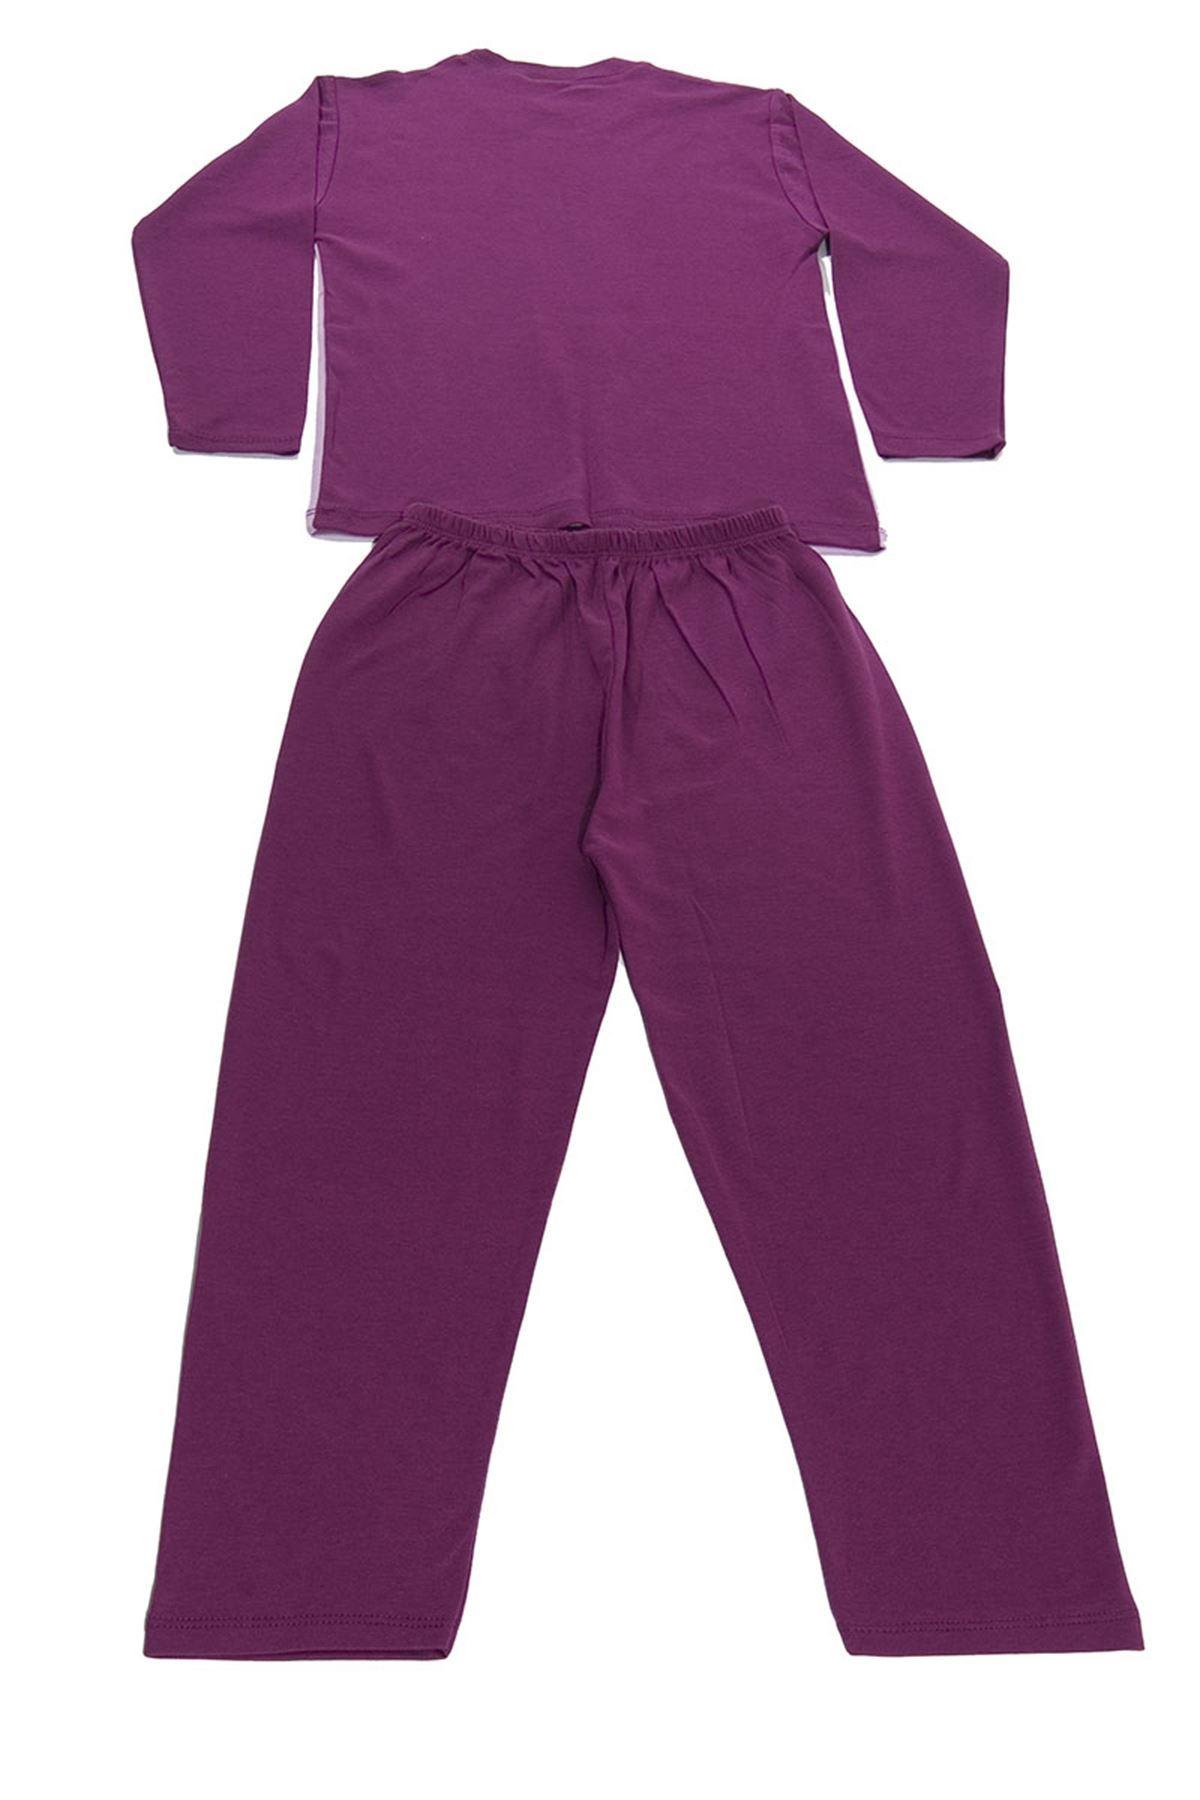 Çocuk Pijama 11B-4191